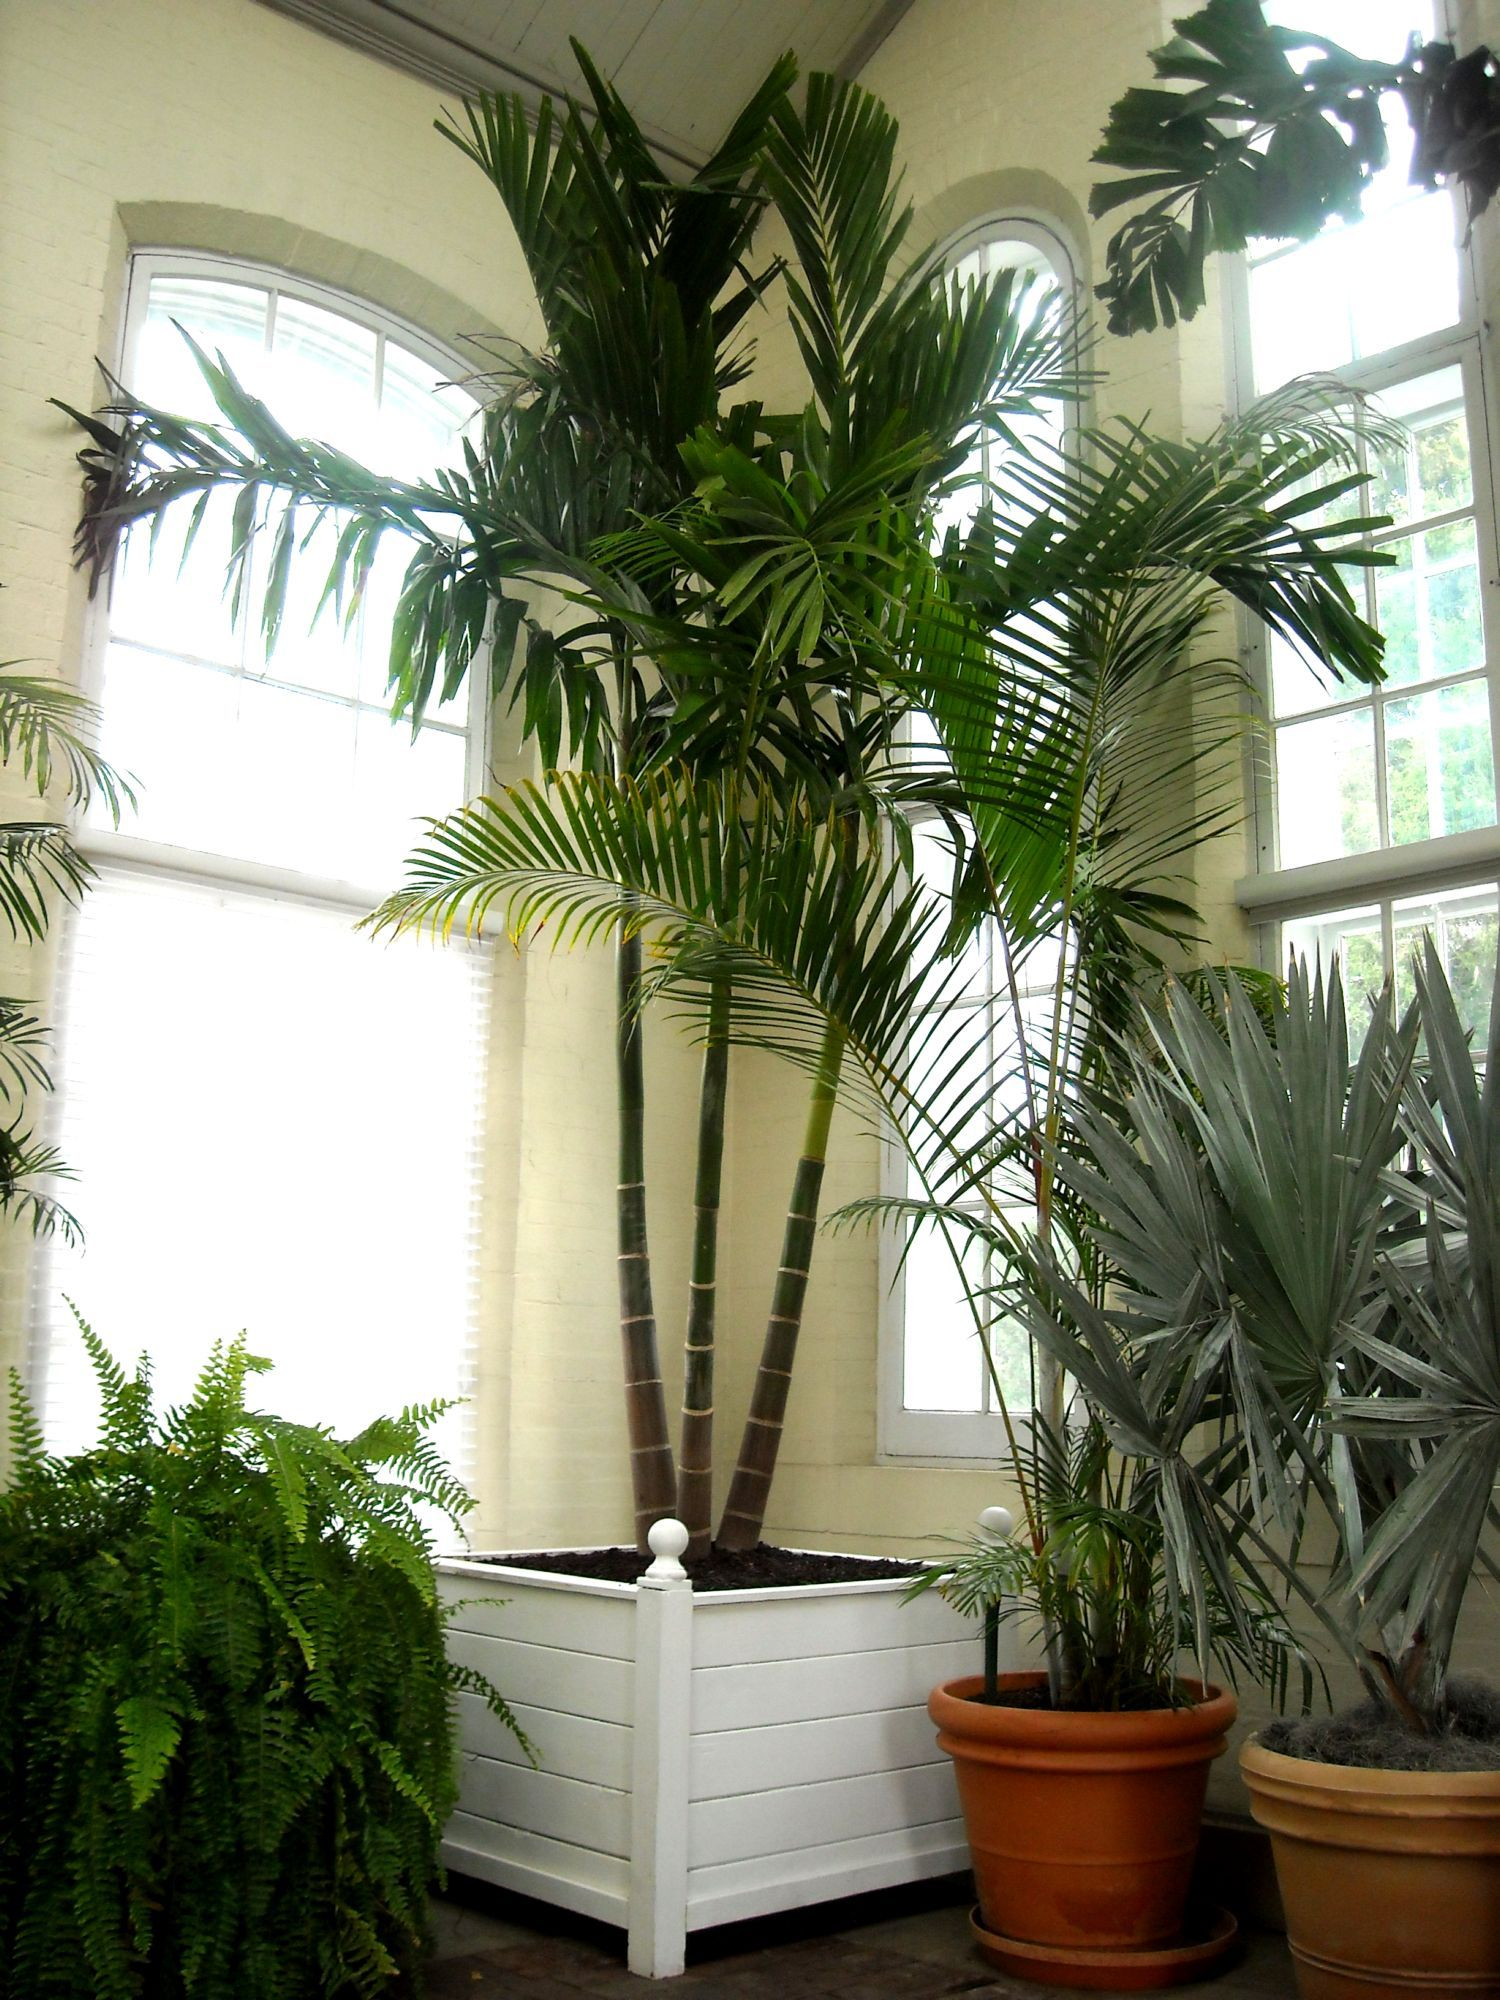 Alexander palm palmas pinterest mesa de barril for Raschella casa jardin